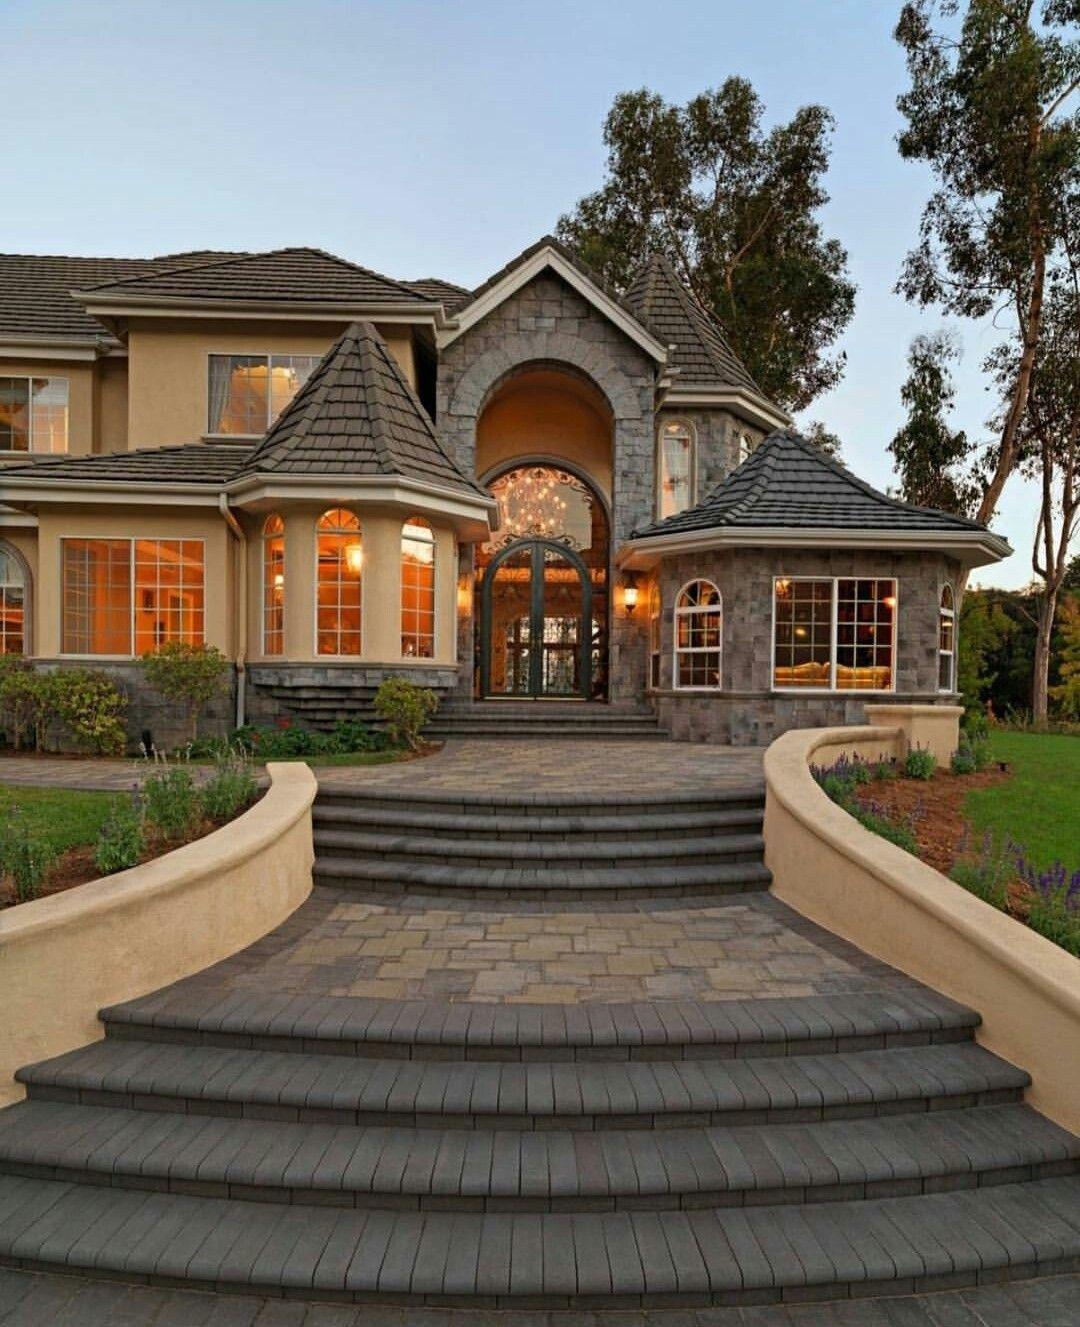 23 Best Dream Home Design Ideas House Designs Exterior Dream Home Design House Entrance